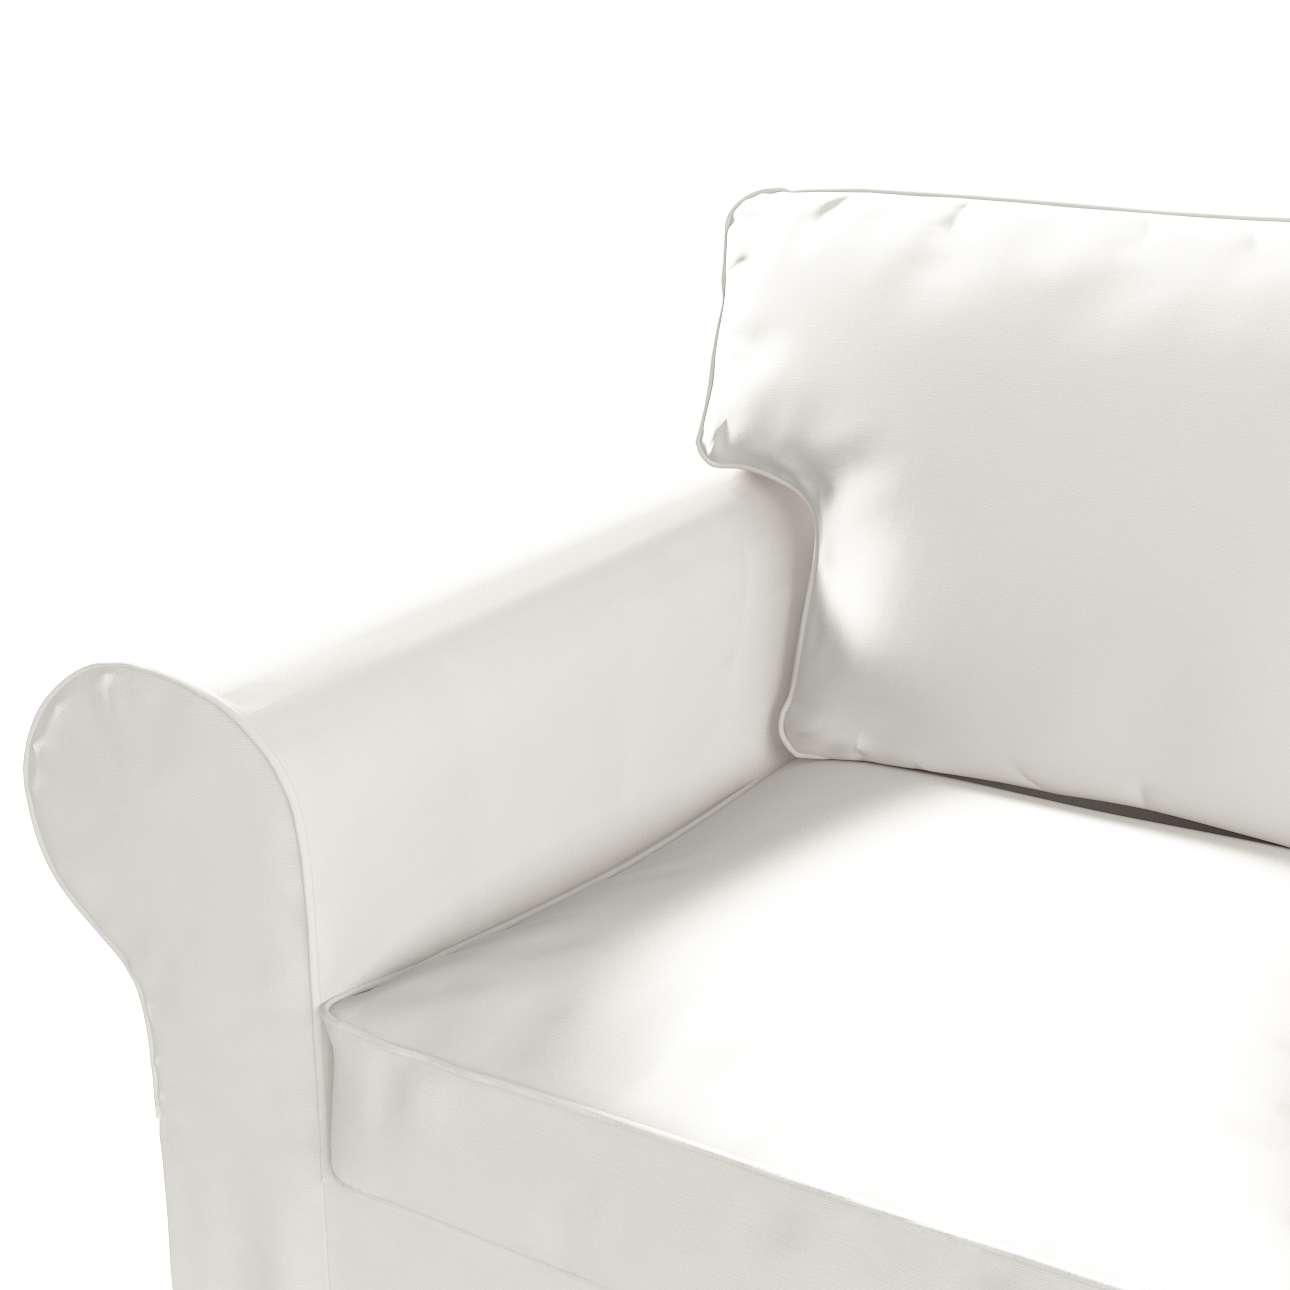 Pokrowiec na sofę Ektorp 3-osobową, rozkładaną, PIXBO w kolekcji Cotton Panama, tkanina: 702-34